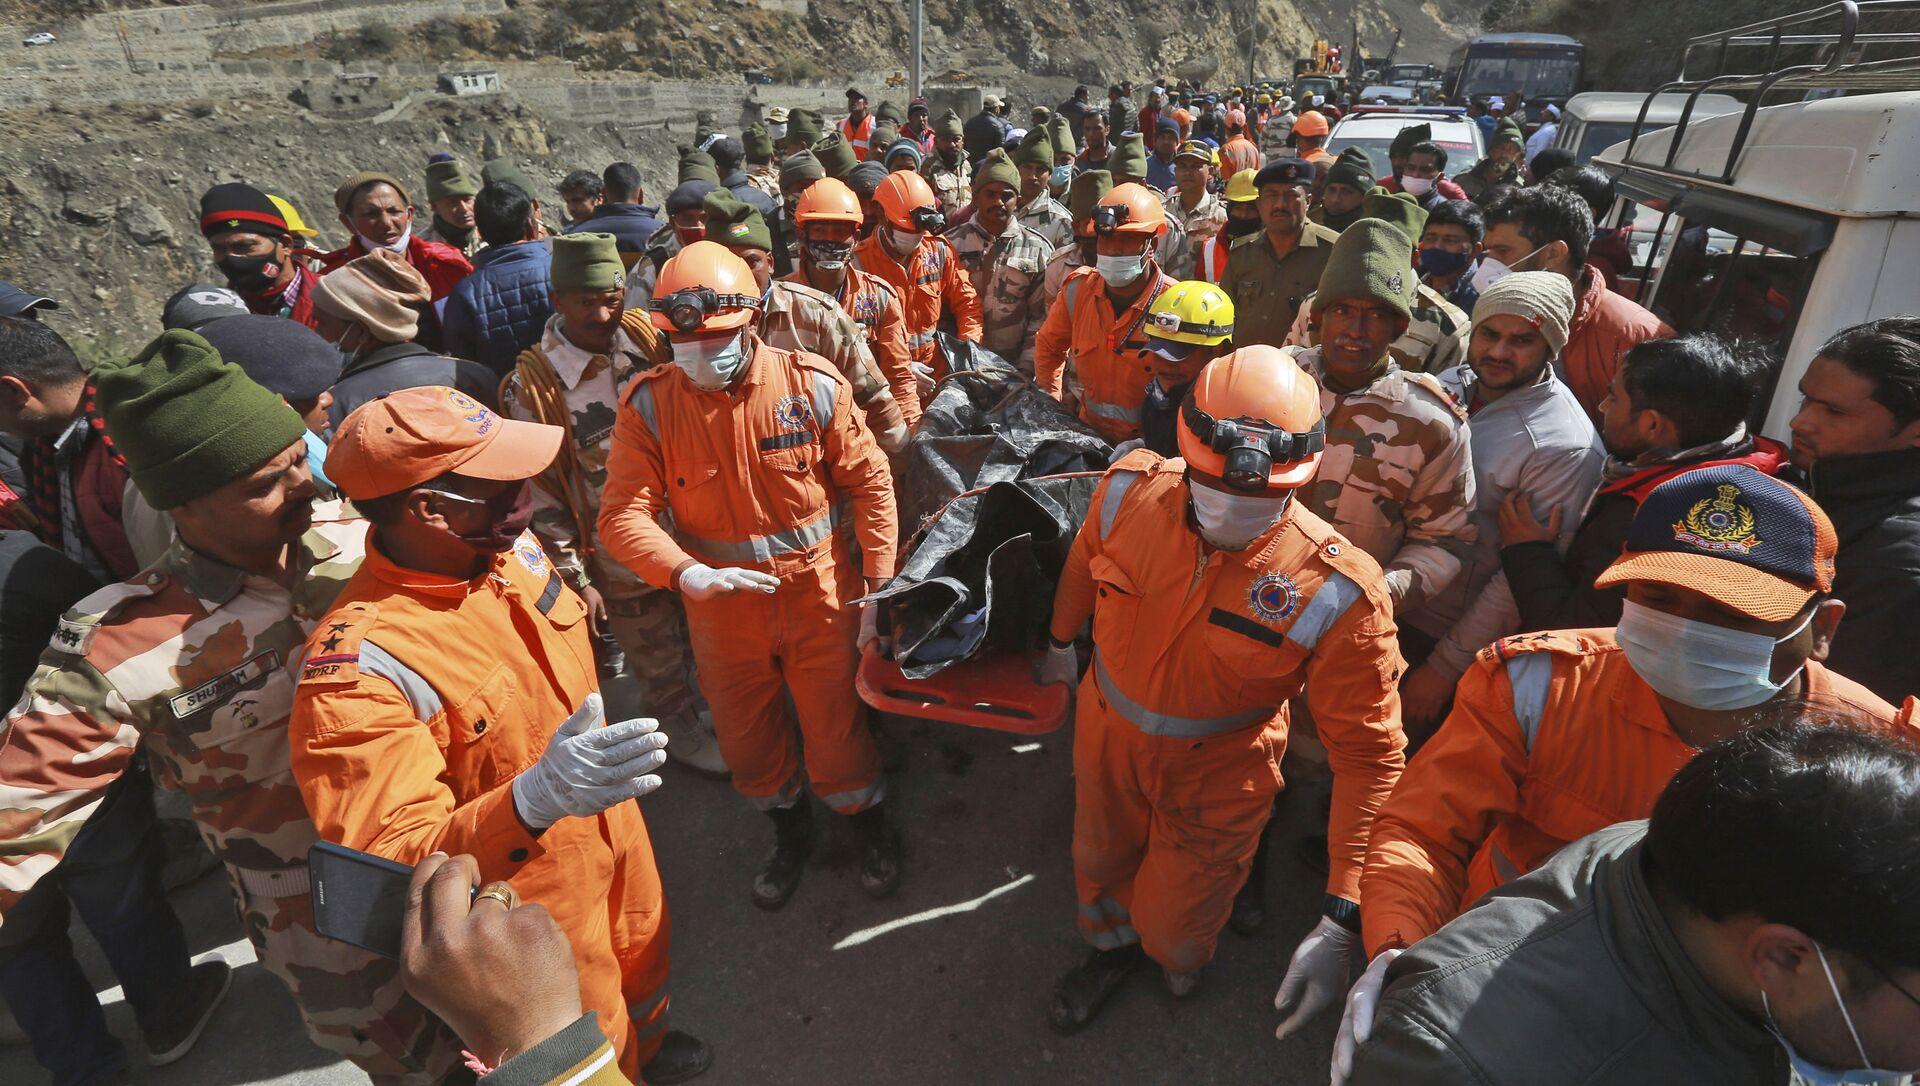 Ratownicy wynoszą ciała ofiar po osunięciu się lodowca w indyjskim stanie Uttarakhand - Sputnik Polska, 1920, 19.02.2021